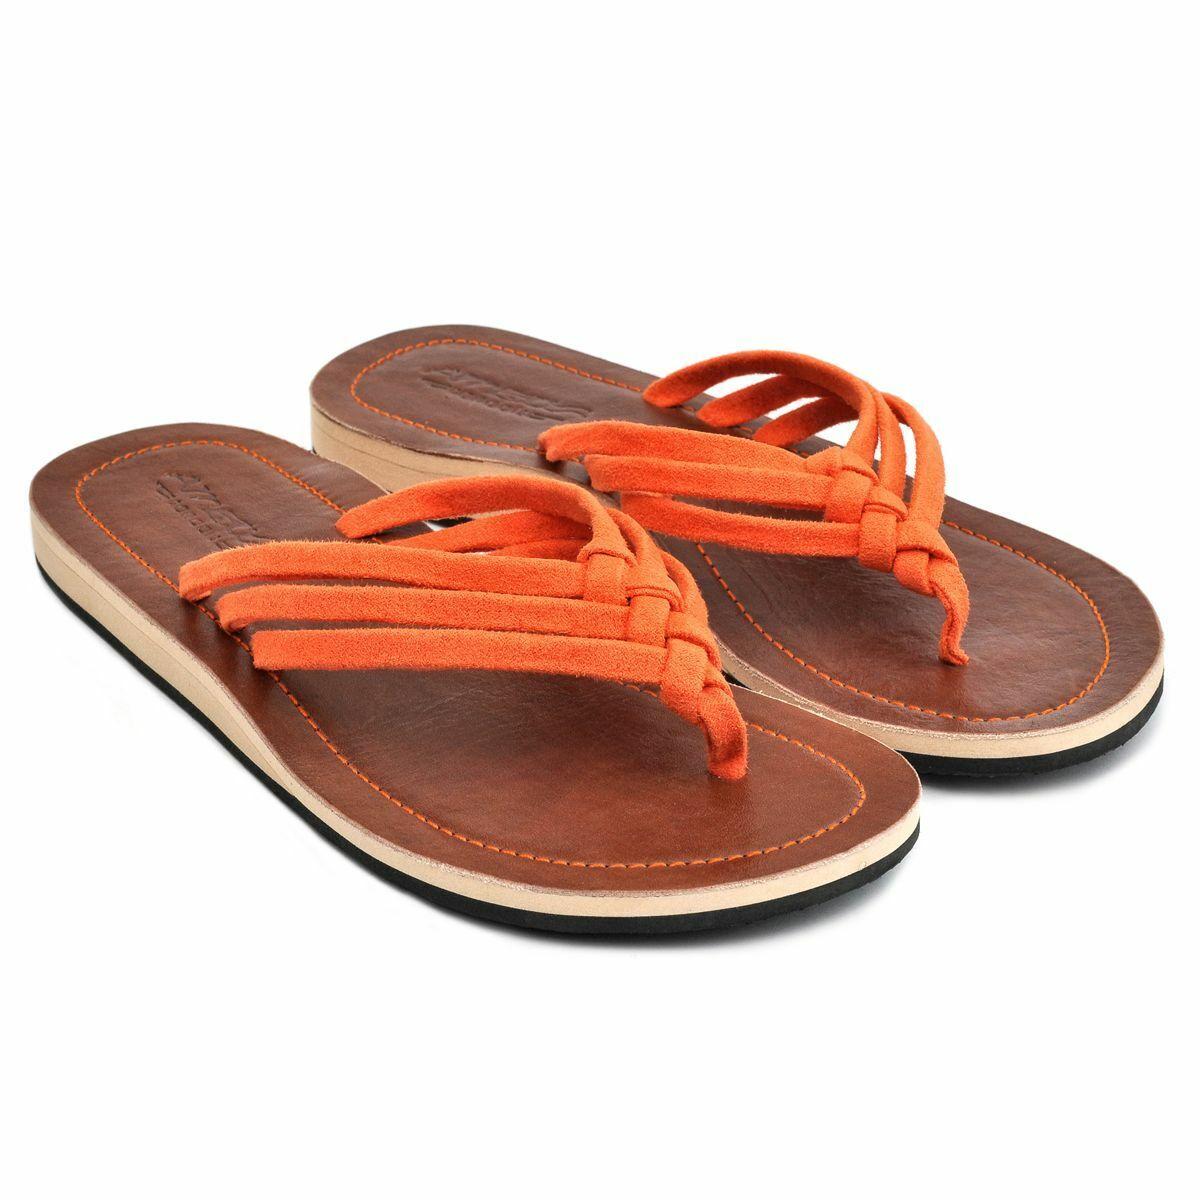 LESTARIE Damen Sandale Leder Zehentrenner Sandalen Zehensteg Flip Flop Gr.36-43